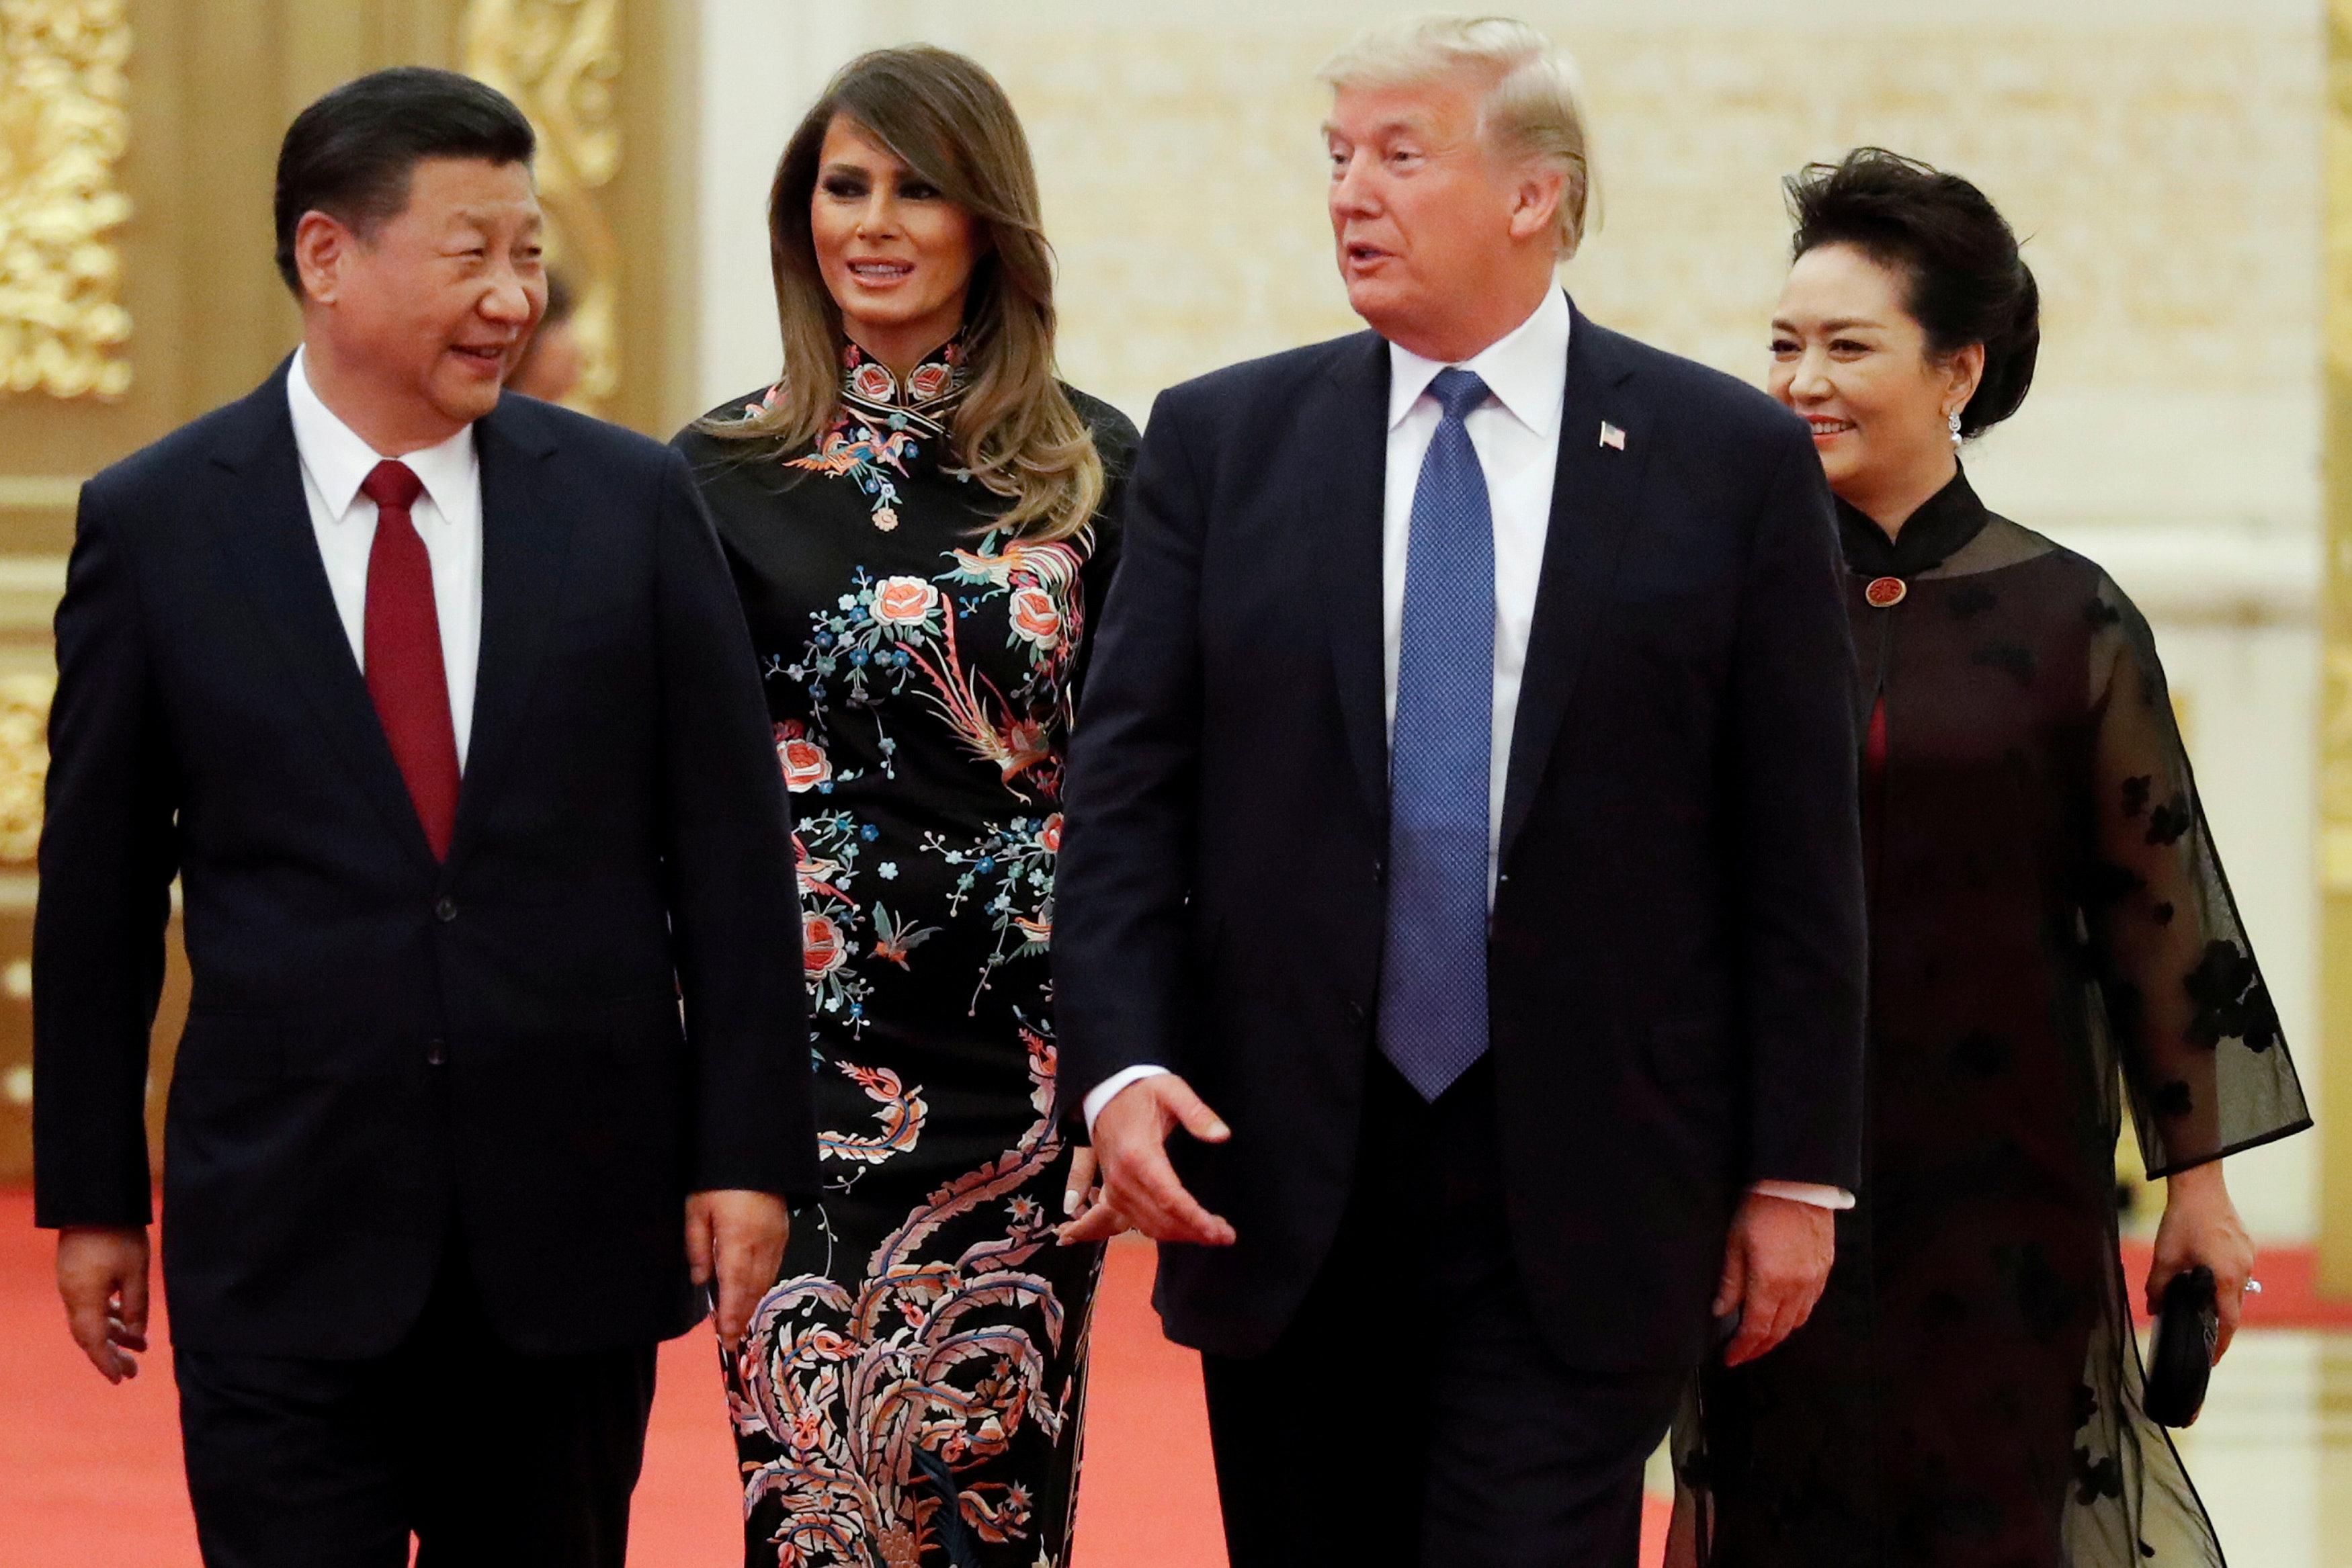 分析指出,習近平無限期連任,將使中美走上衝突之路。圖為川普伉儷去年11月訪問北京與習近平夫婦會面。(路透)